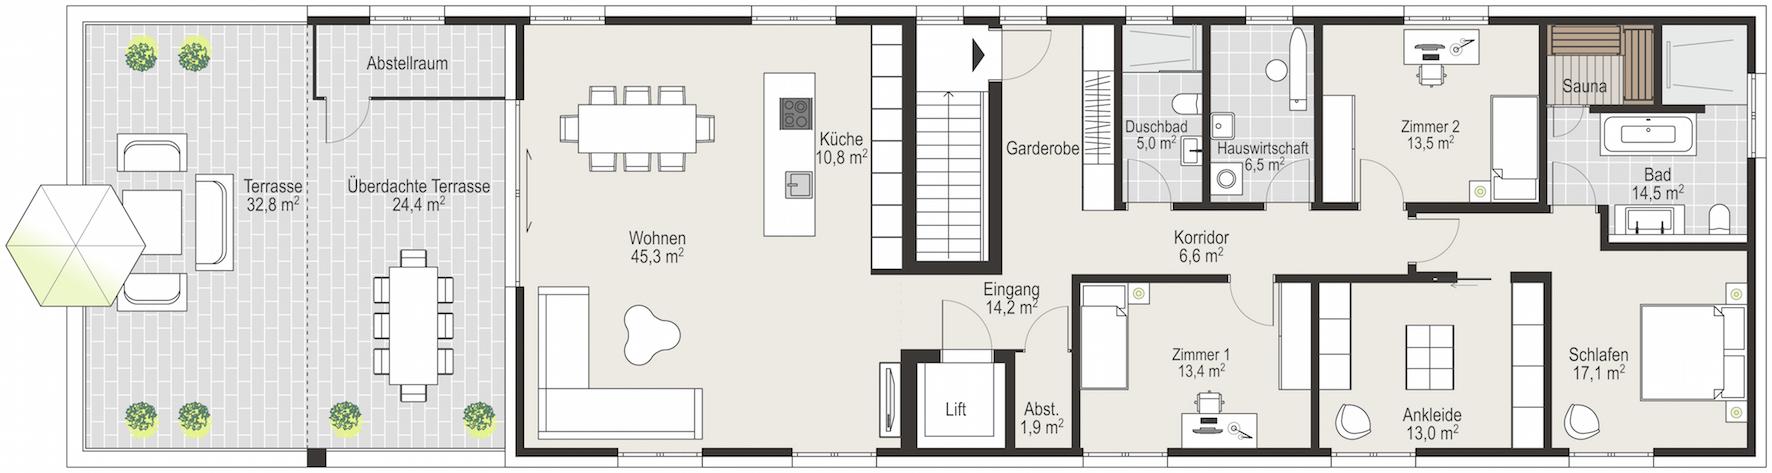 penthaus in goldach schweiz immozeichner. Black Bedroom Furniture Sets. Home Design Ideas